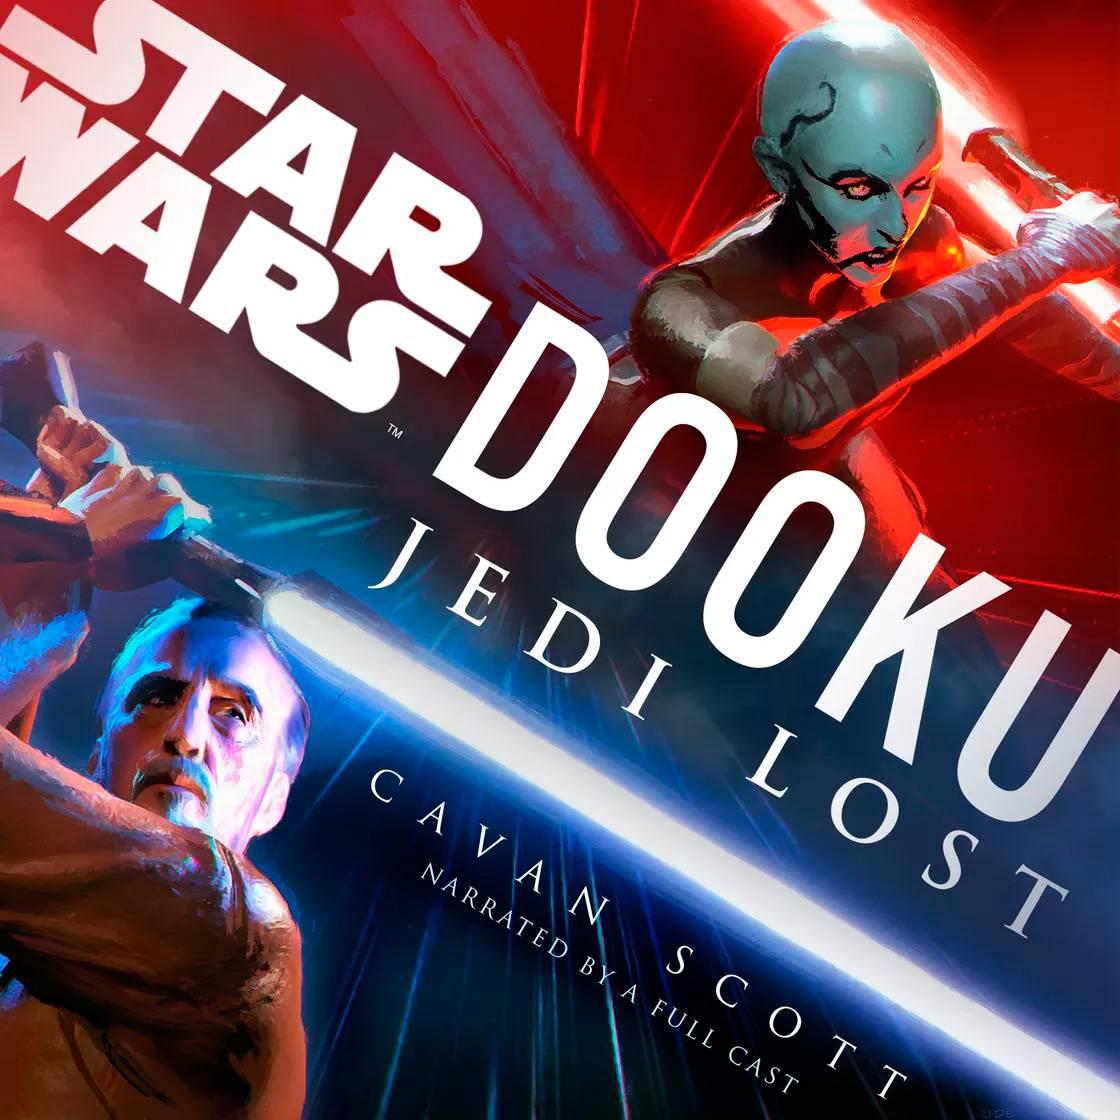 Star Wars Dooku: Jedi Lost ¿es el audio libro que todos esperaban?